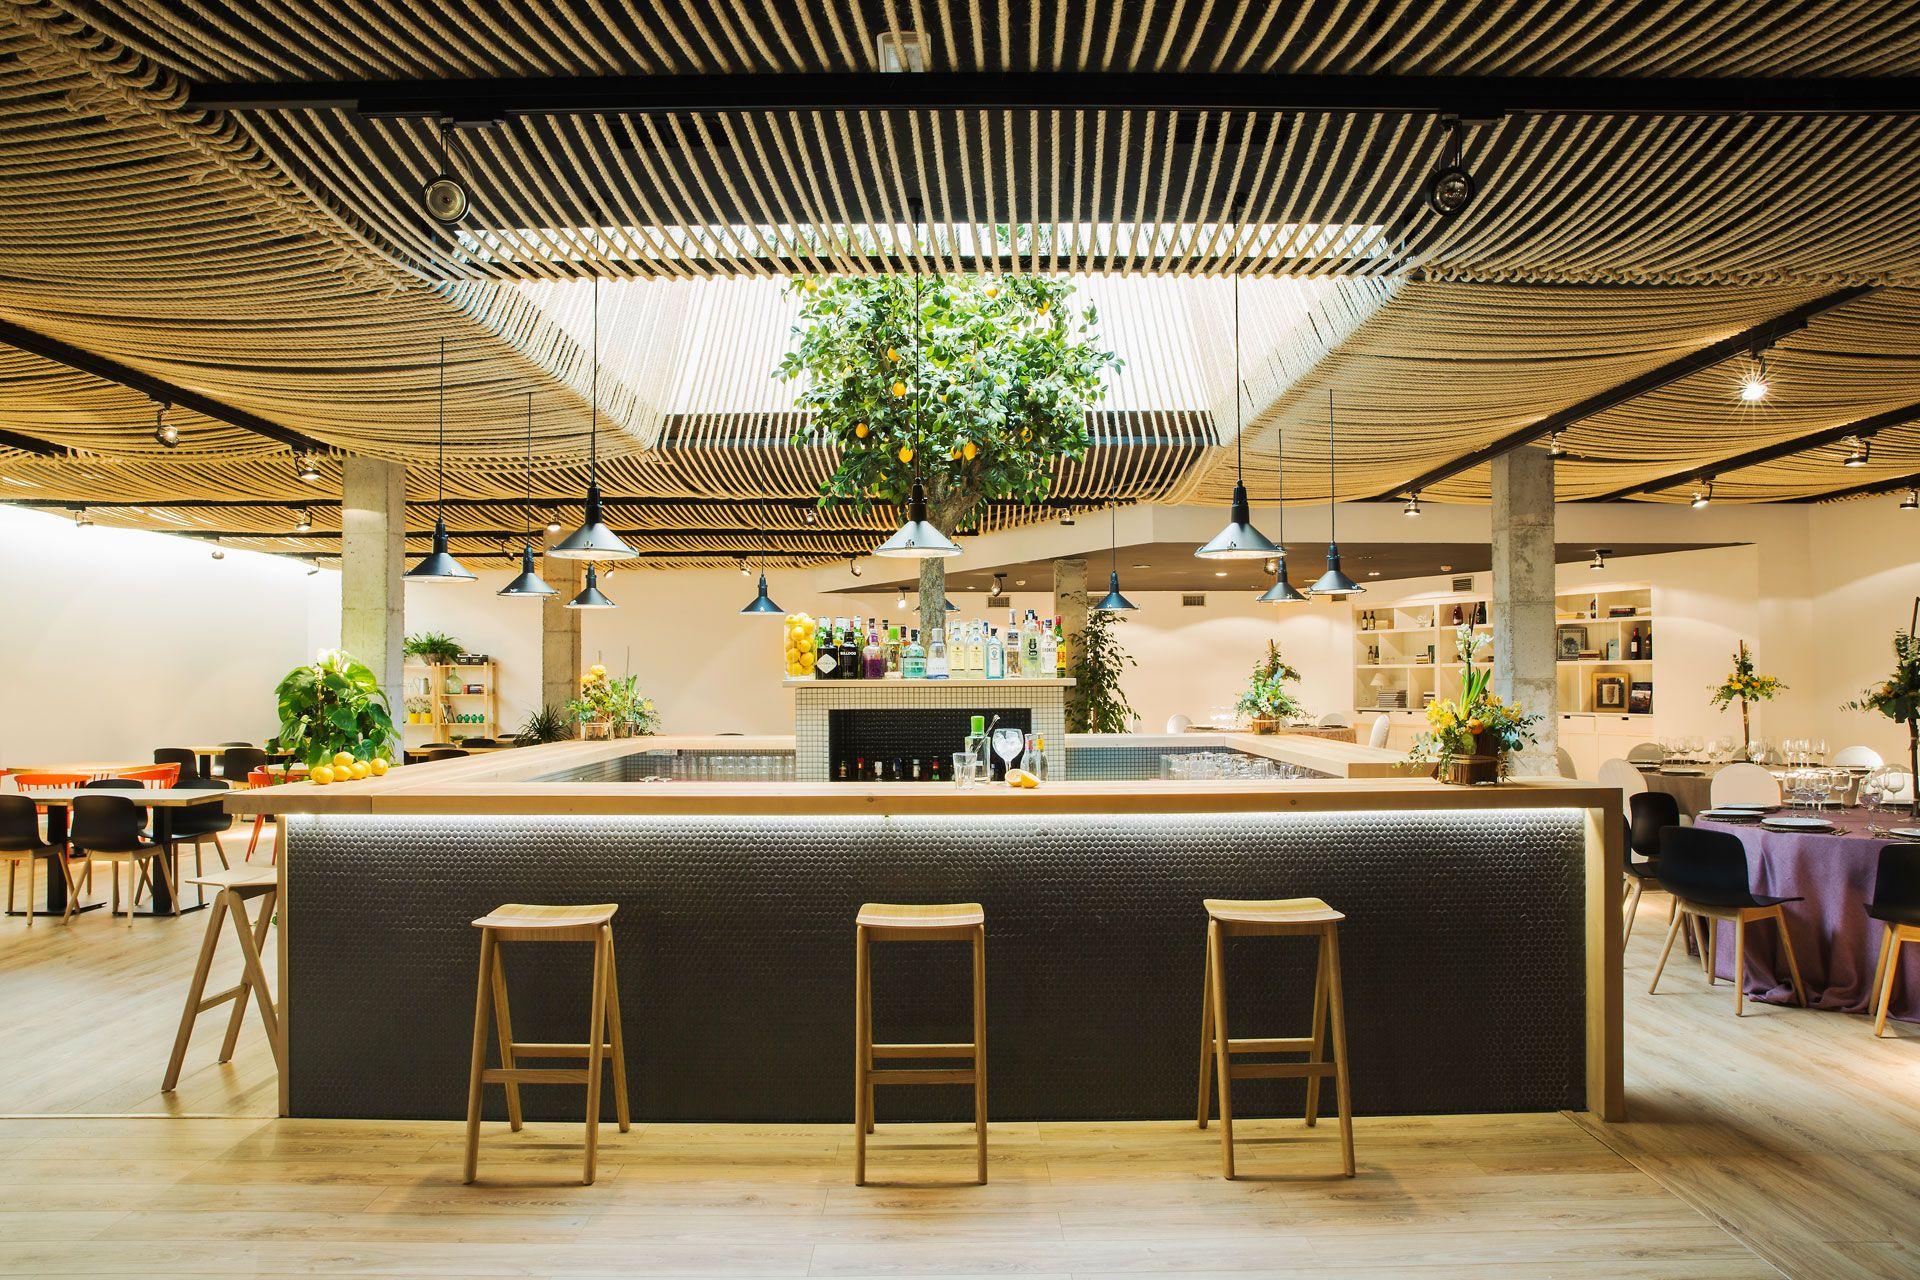 Zooco estudio hotel azul decoracion techos for Estudiar diseno de interiores online